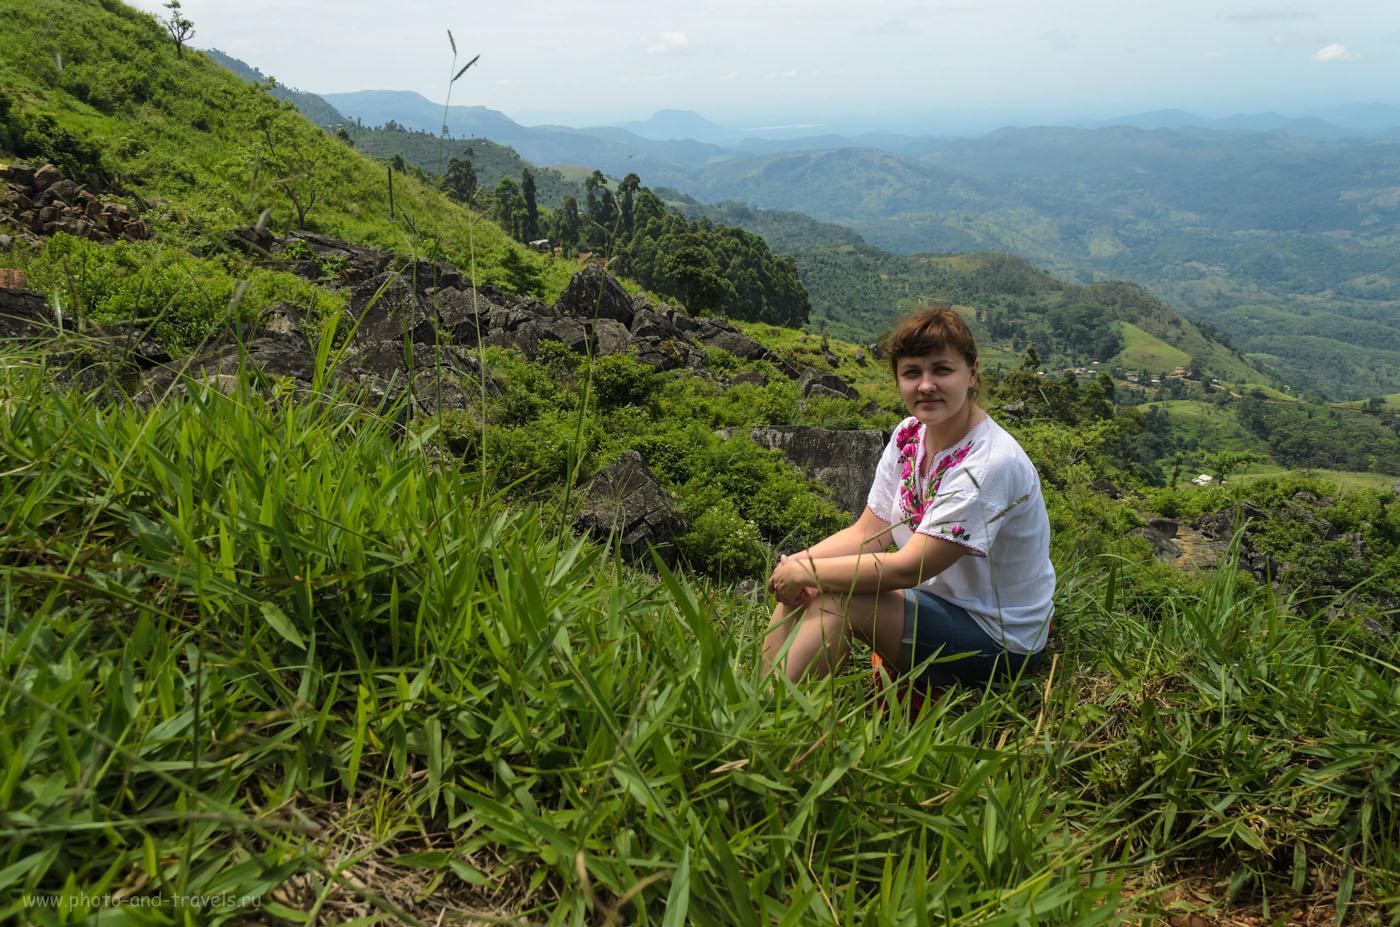 Фотография 4. Горы по пути к деревне Наллатанния (Nallatanniya), где начинается тропа к Пику Адама. Тур по Шри-Ланке самостоятельно.